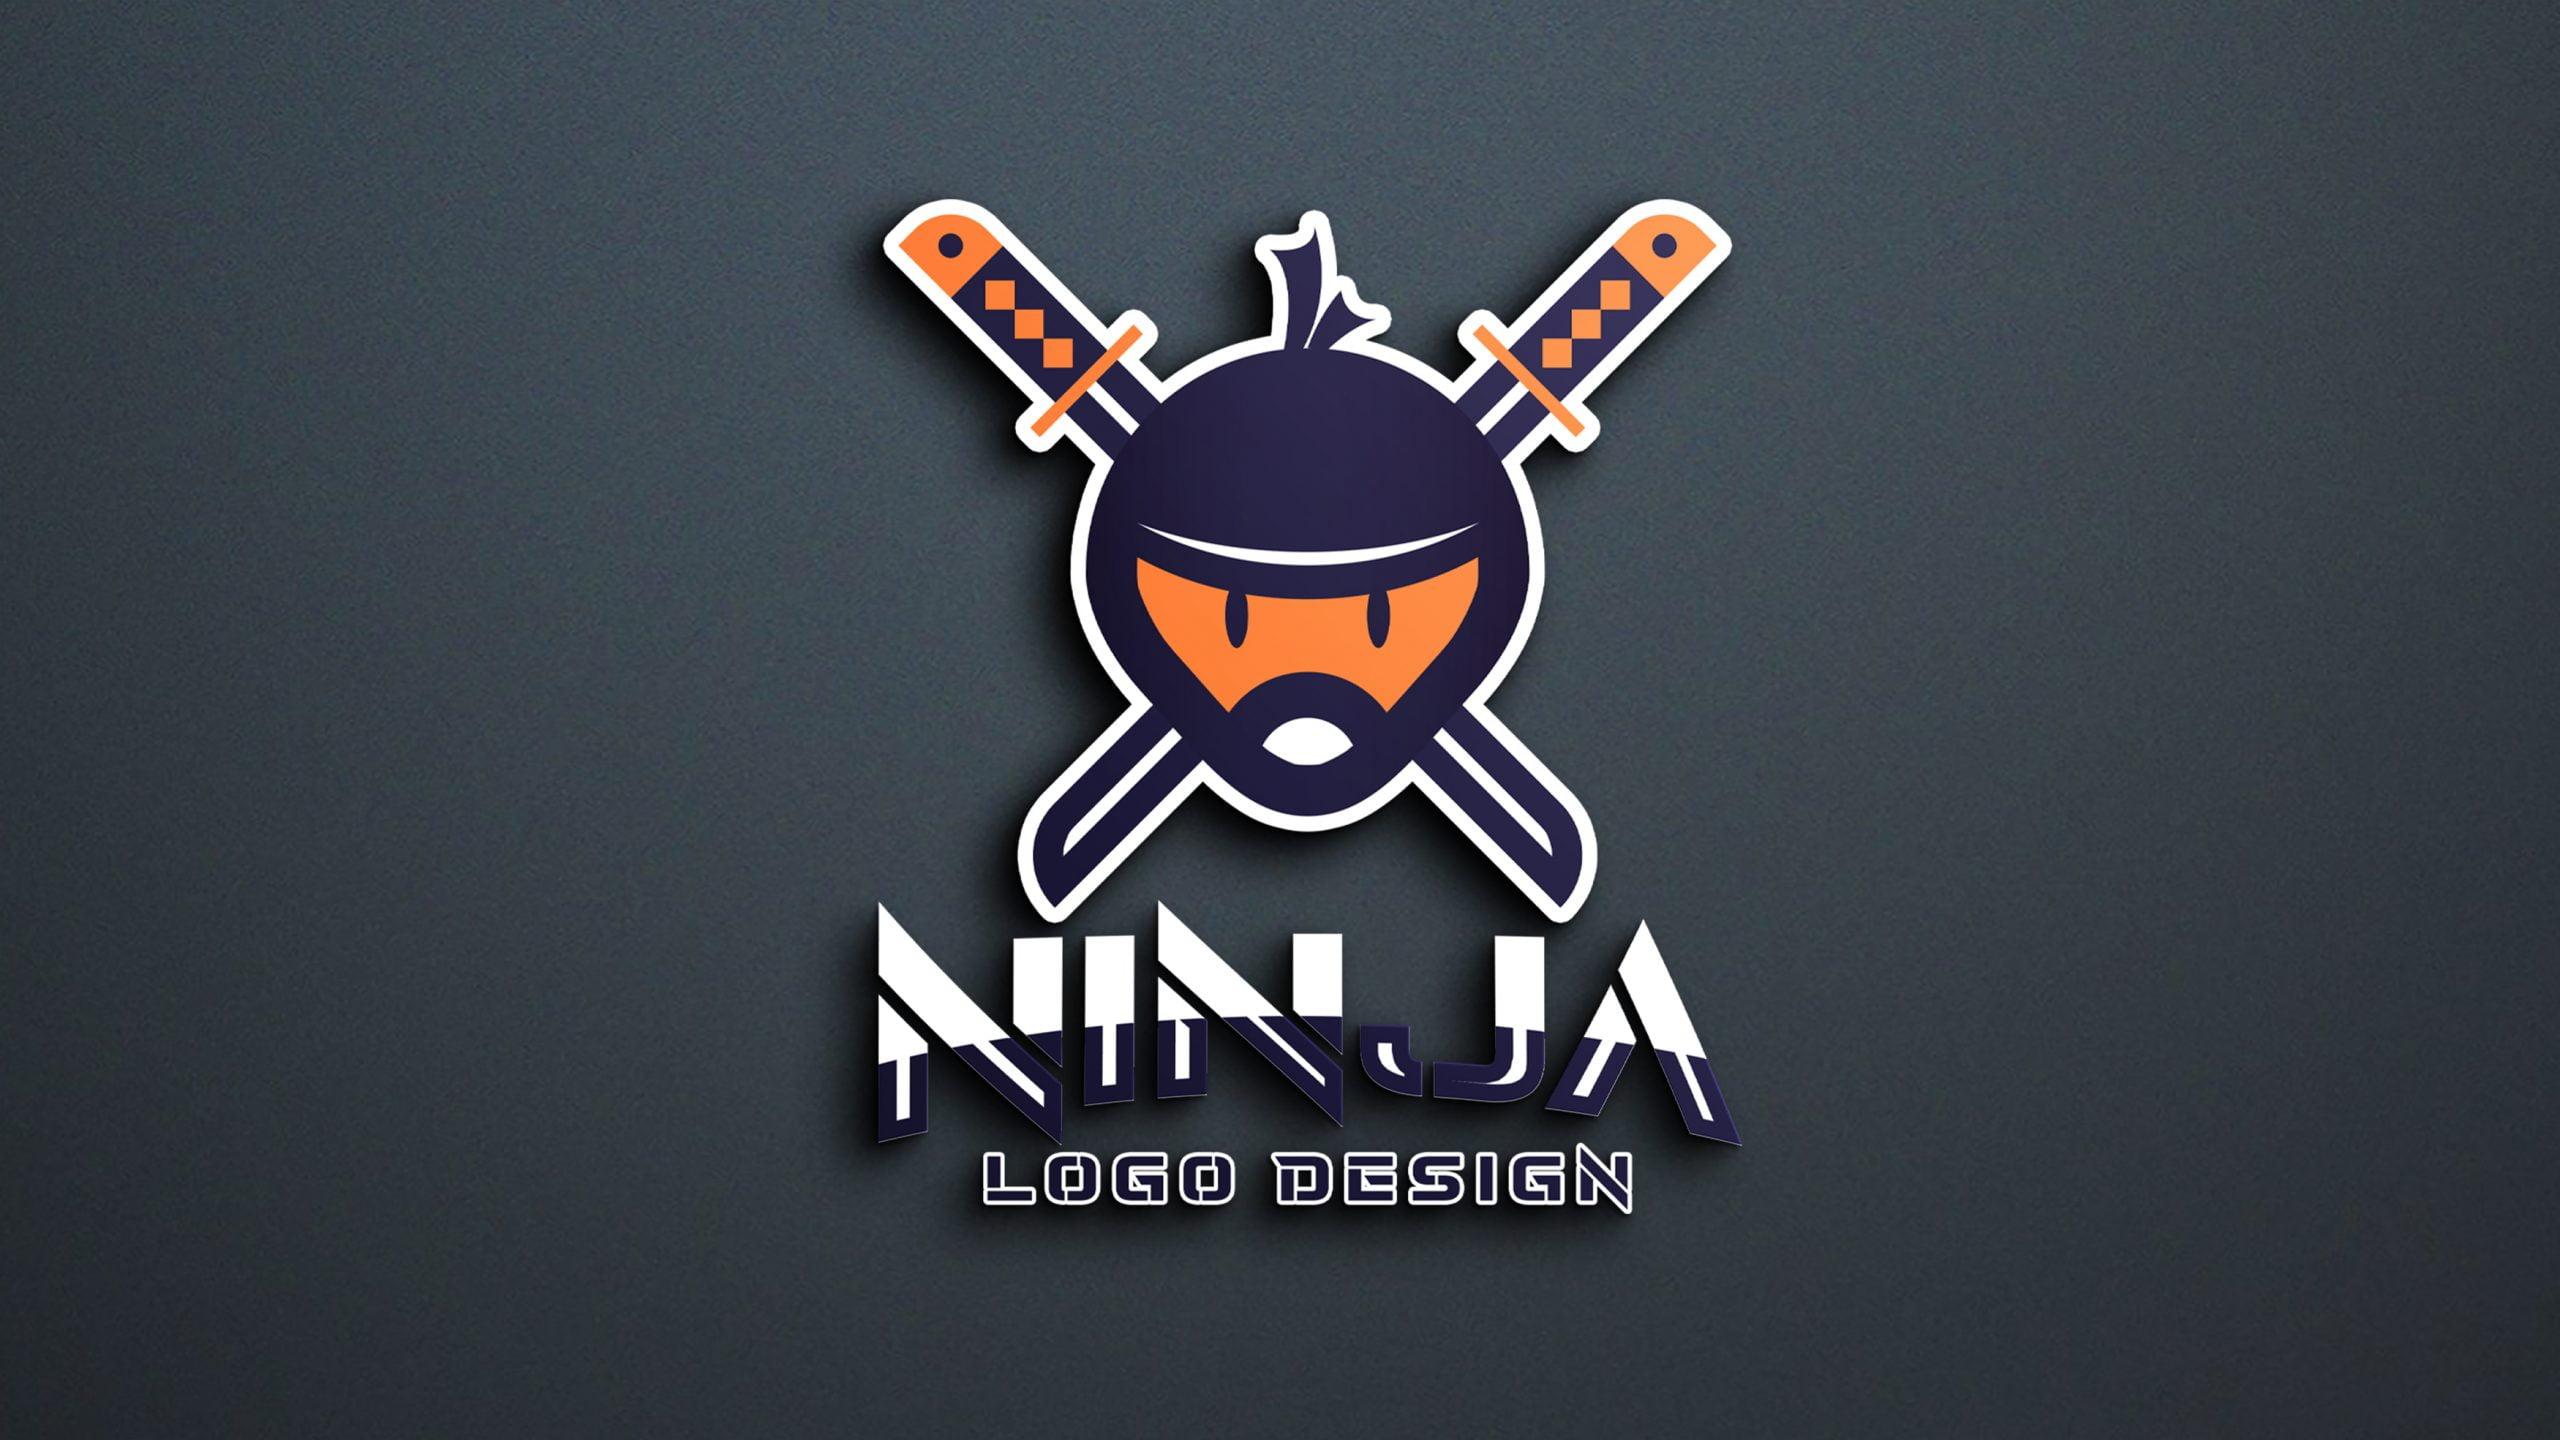 Download Ninja Logo Design